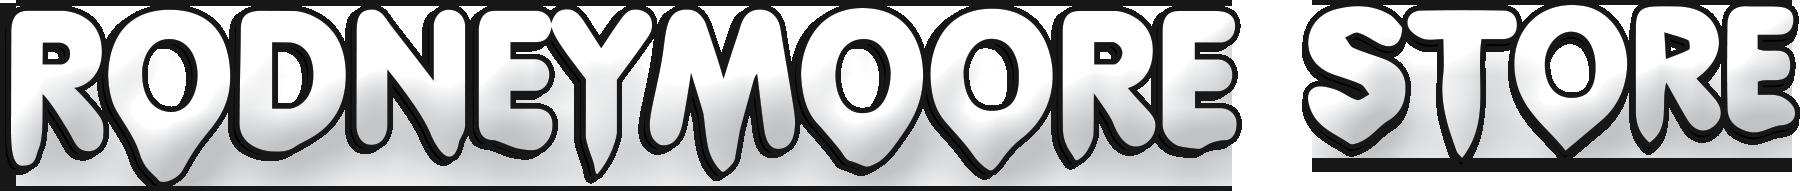 Rodney Moore Logo Image